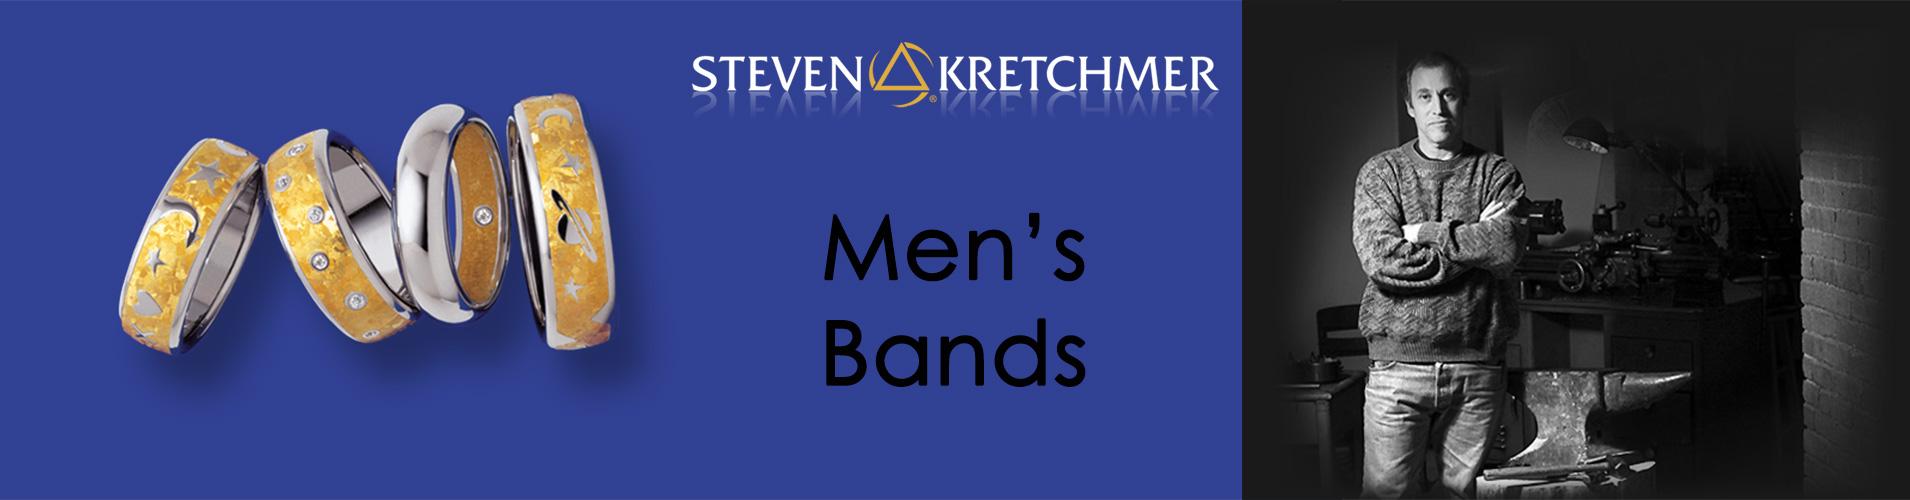 Steven Kretchmer